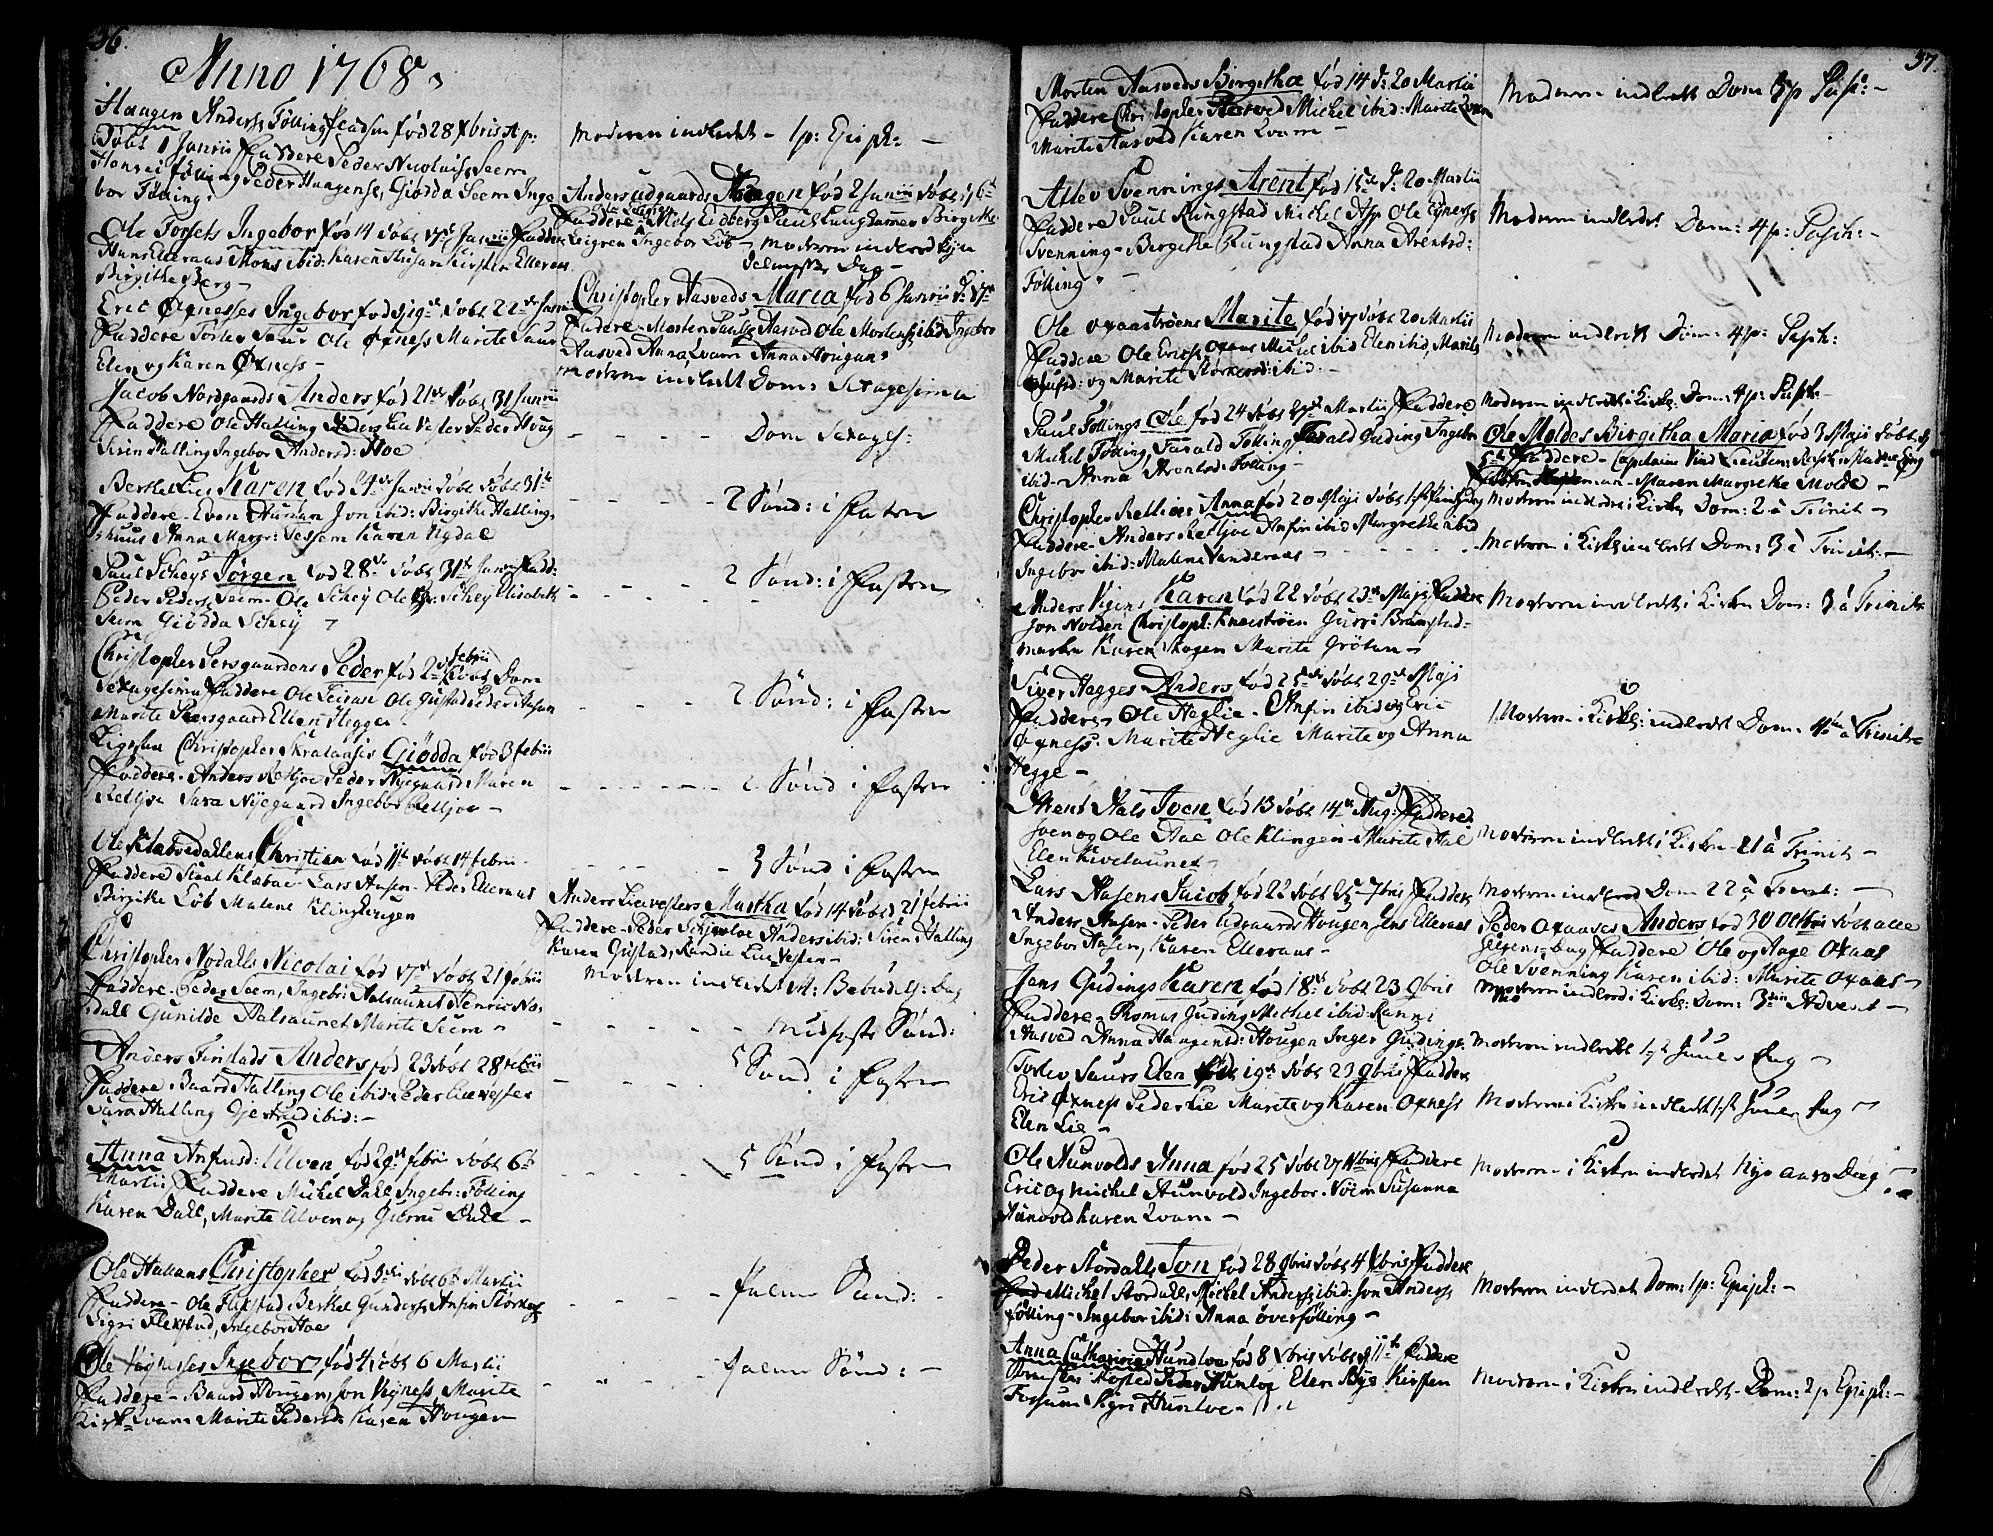 SAT, Ministerialprotokoller, klokkerbøker og fødselsregistre - Nord-Trøndelag, 746/L0440: Ministerialbok nr. 746A02, 1760-1815, s. 36-37